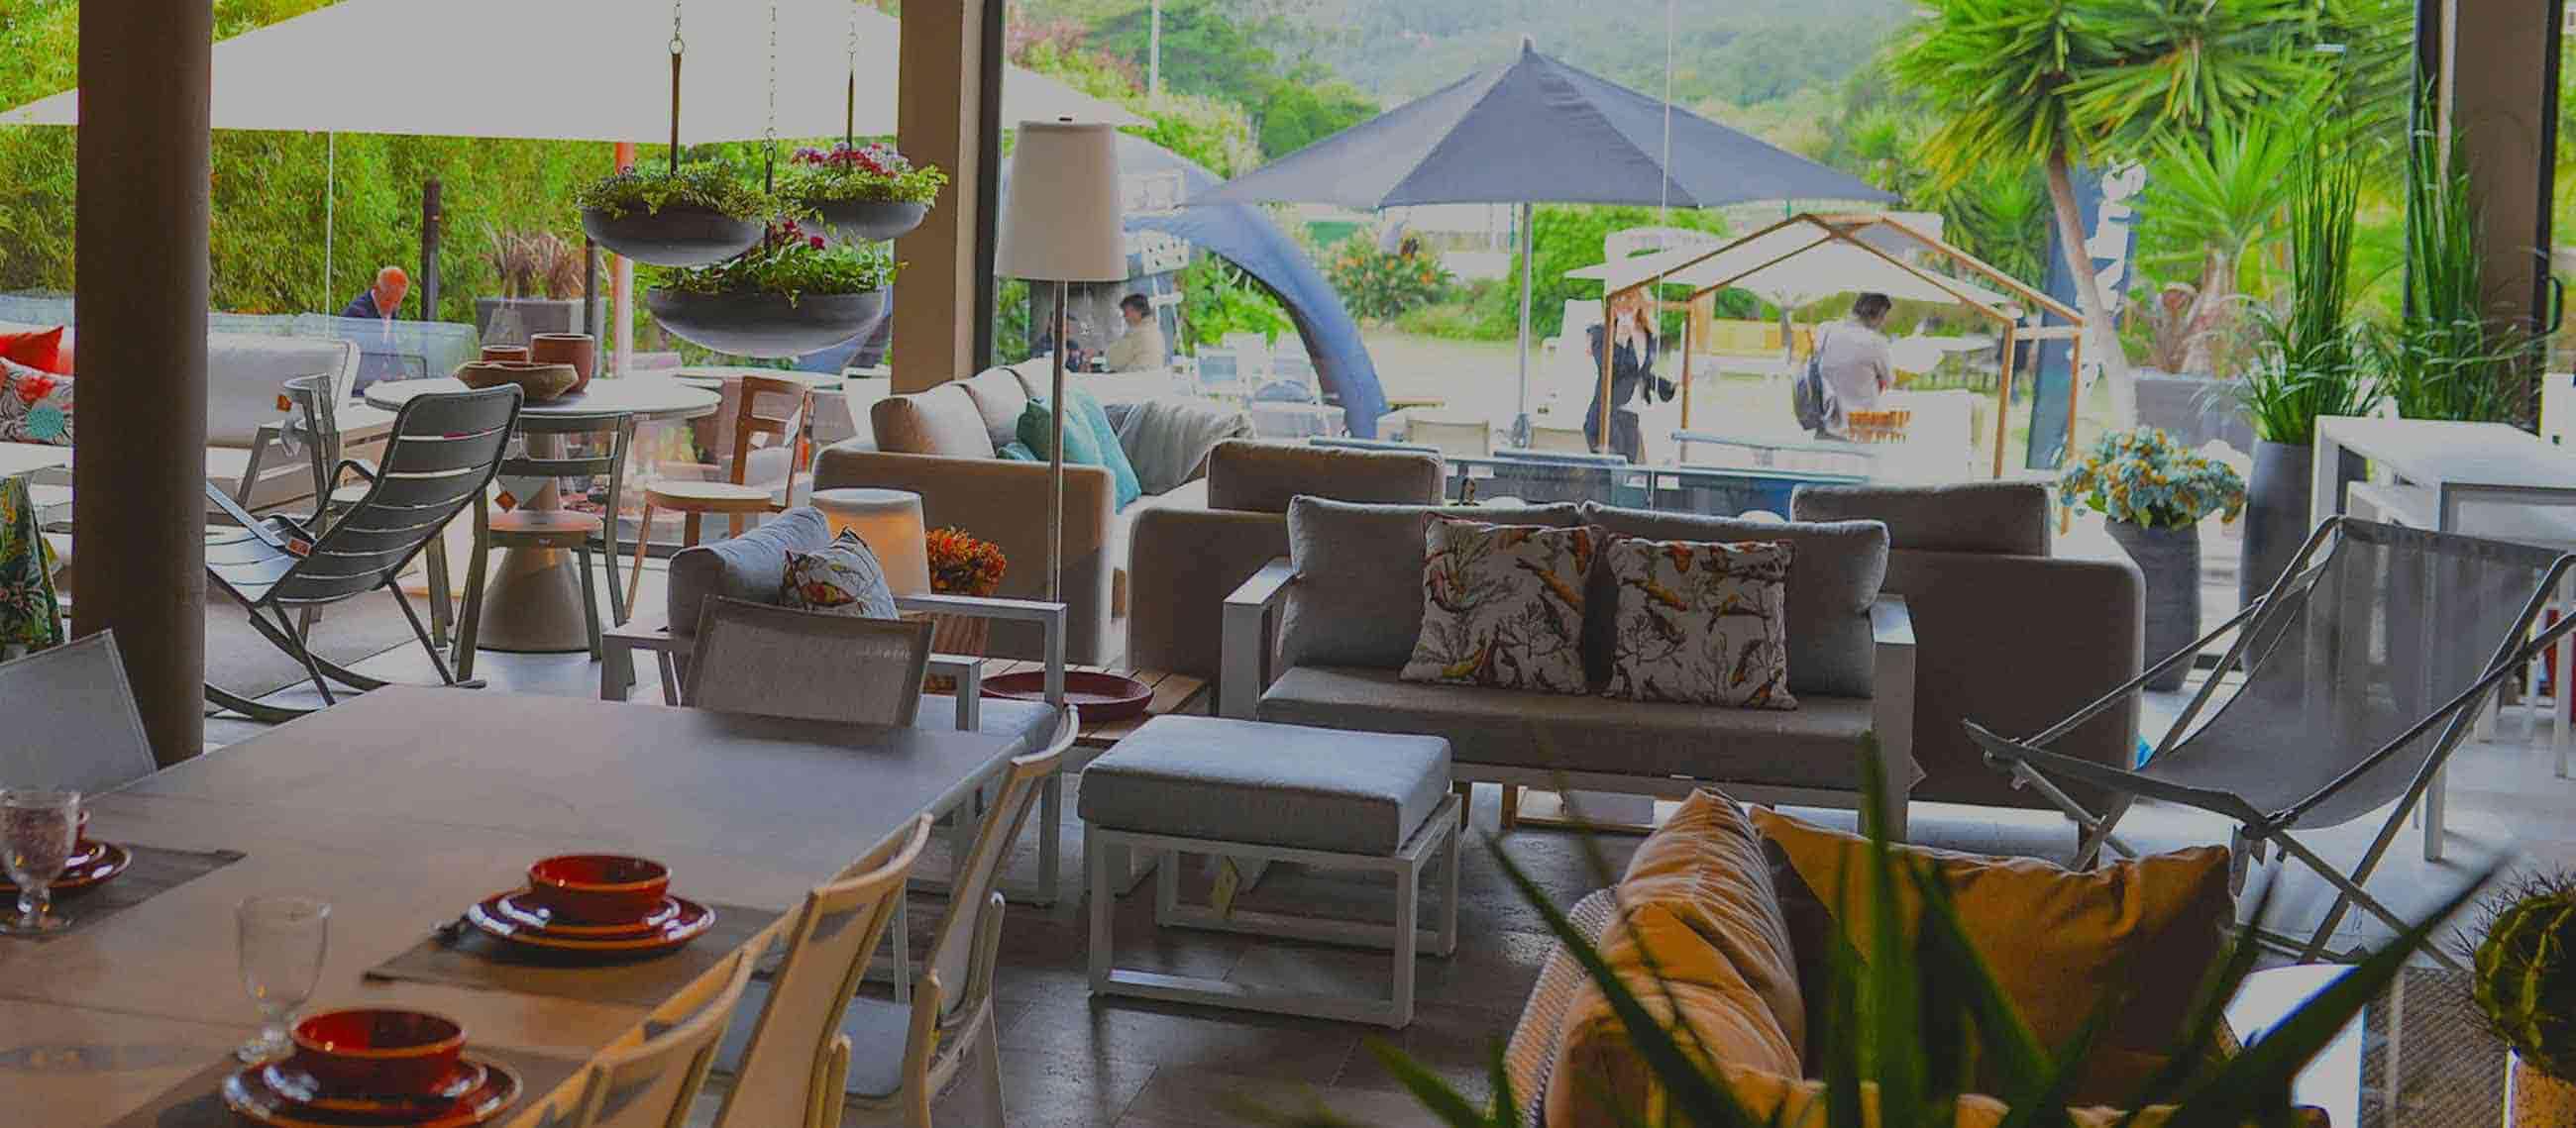 Mobiliário de jardim, exteriores e interiores